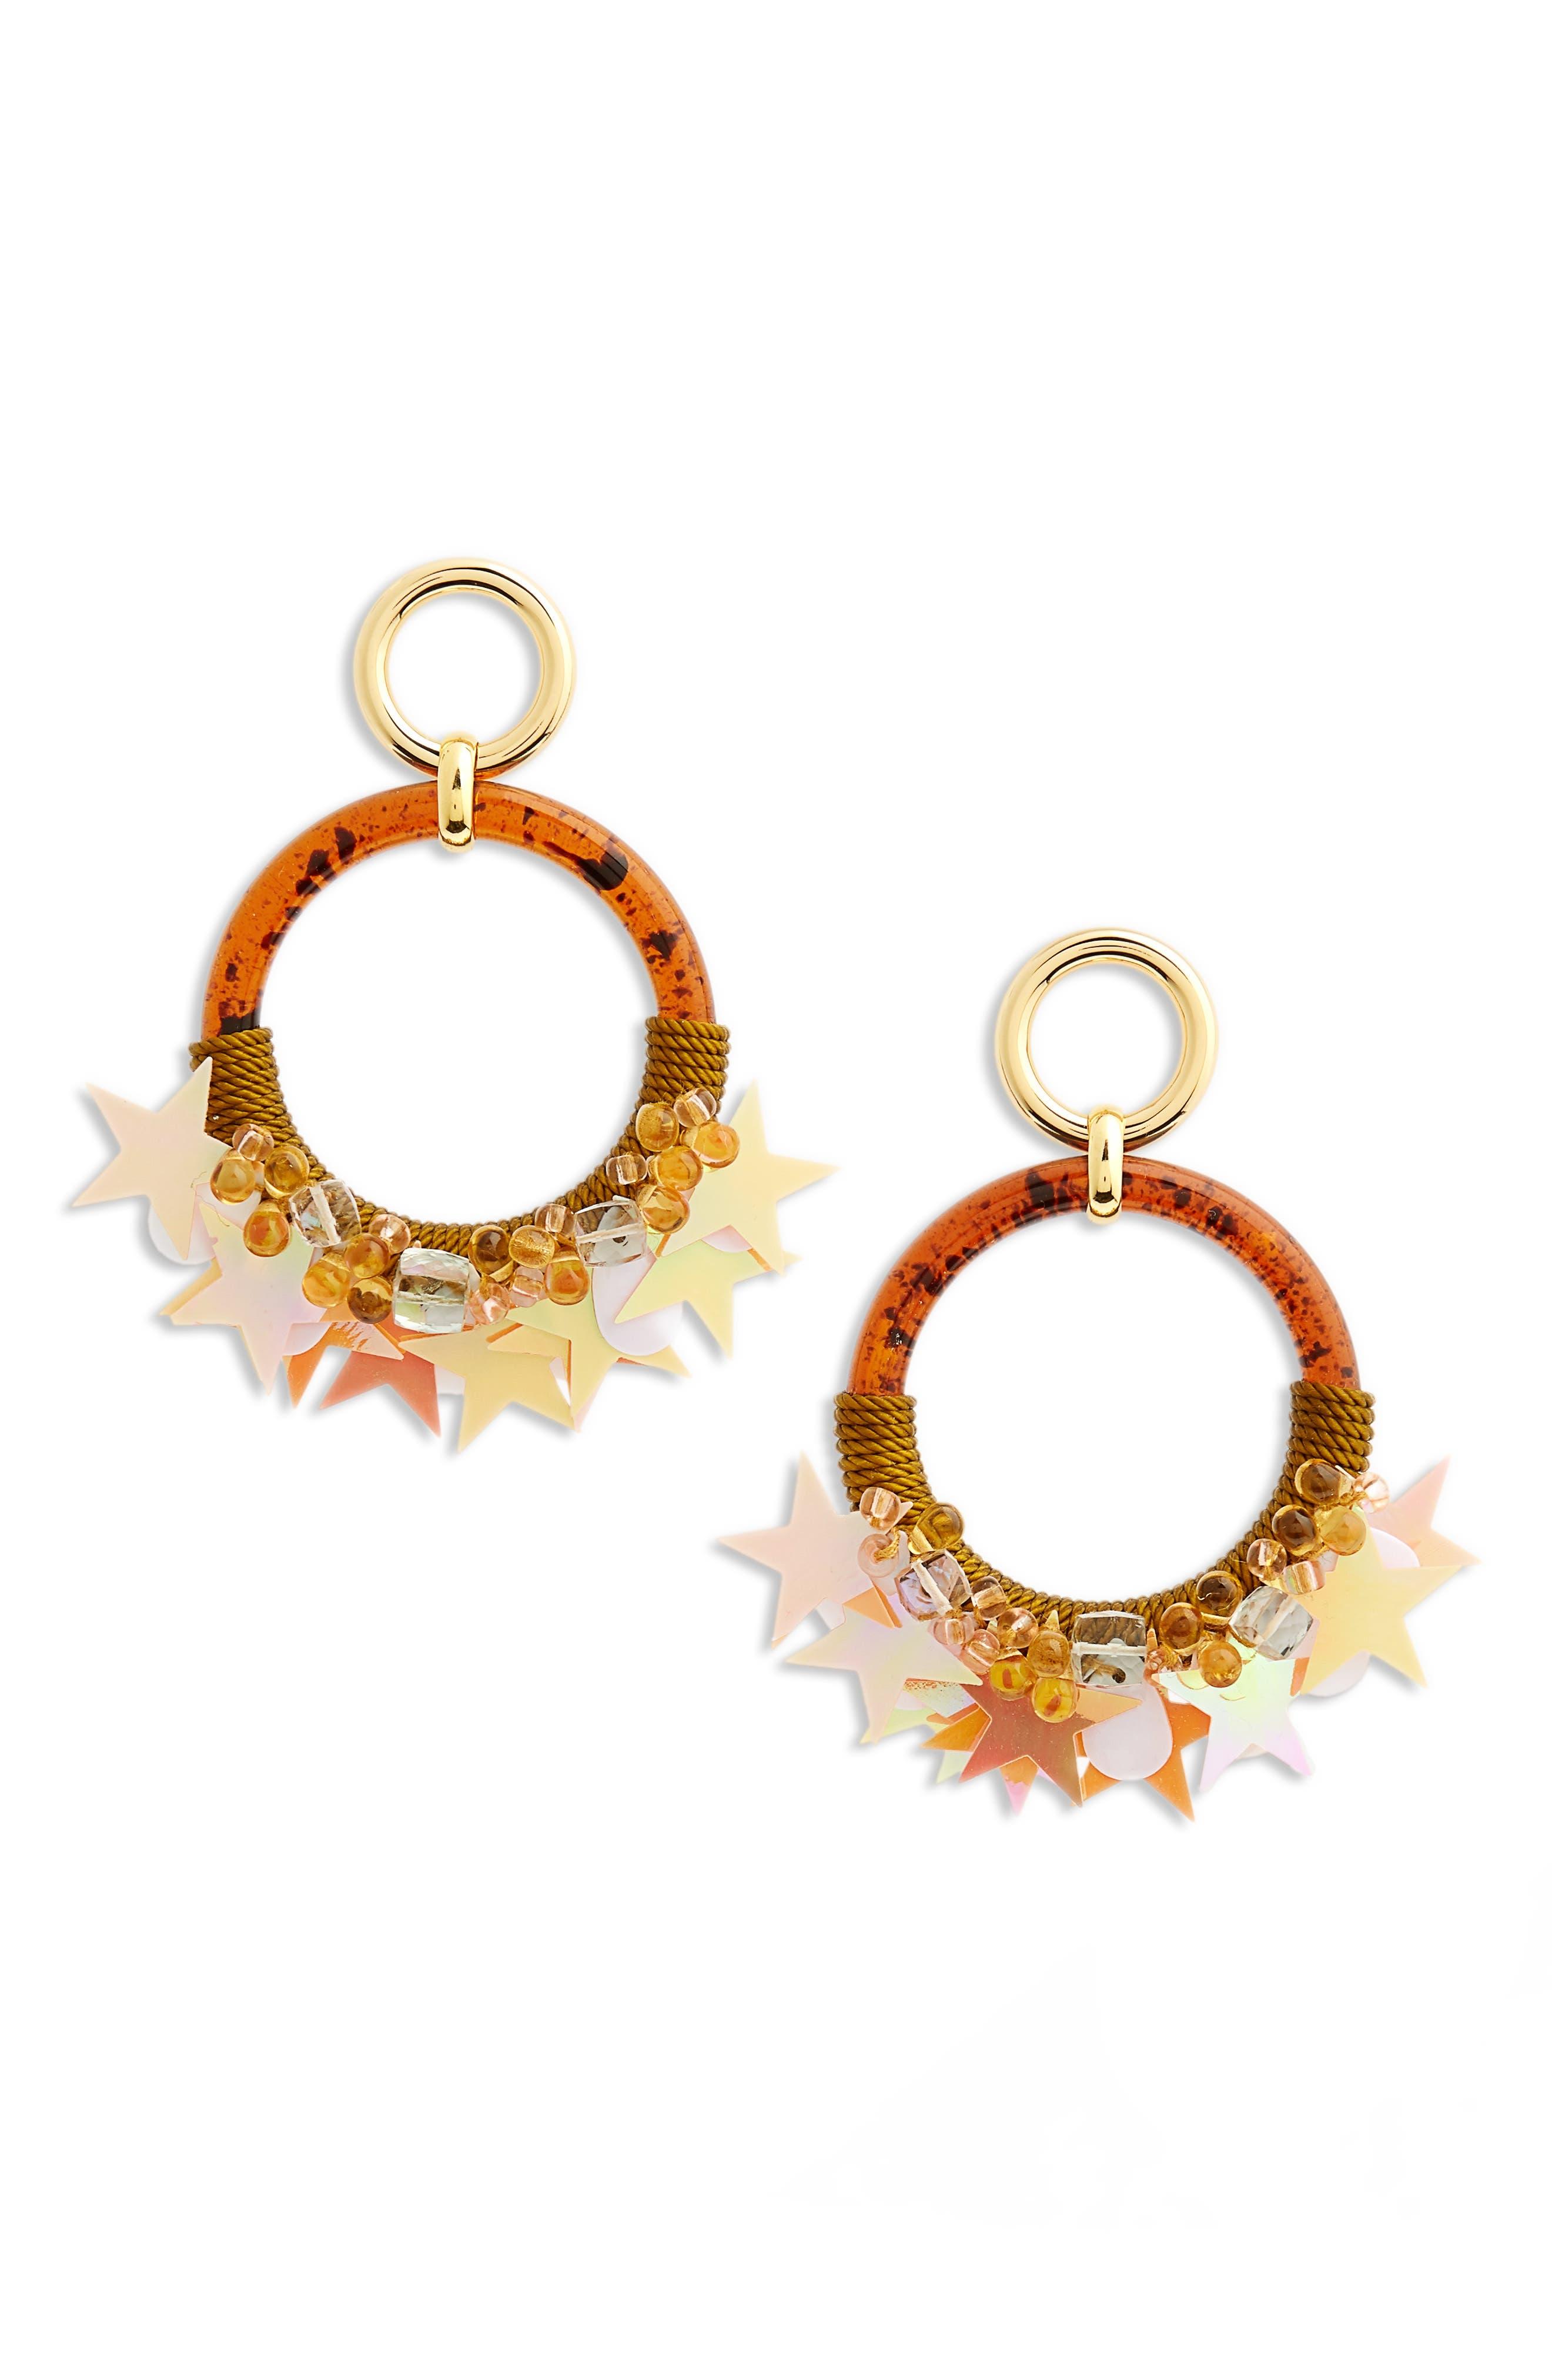 Lizzie Fortunato Starry Night Earrings